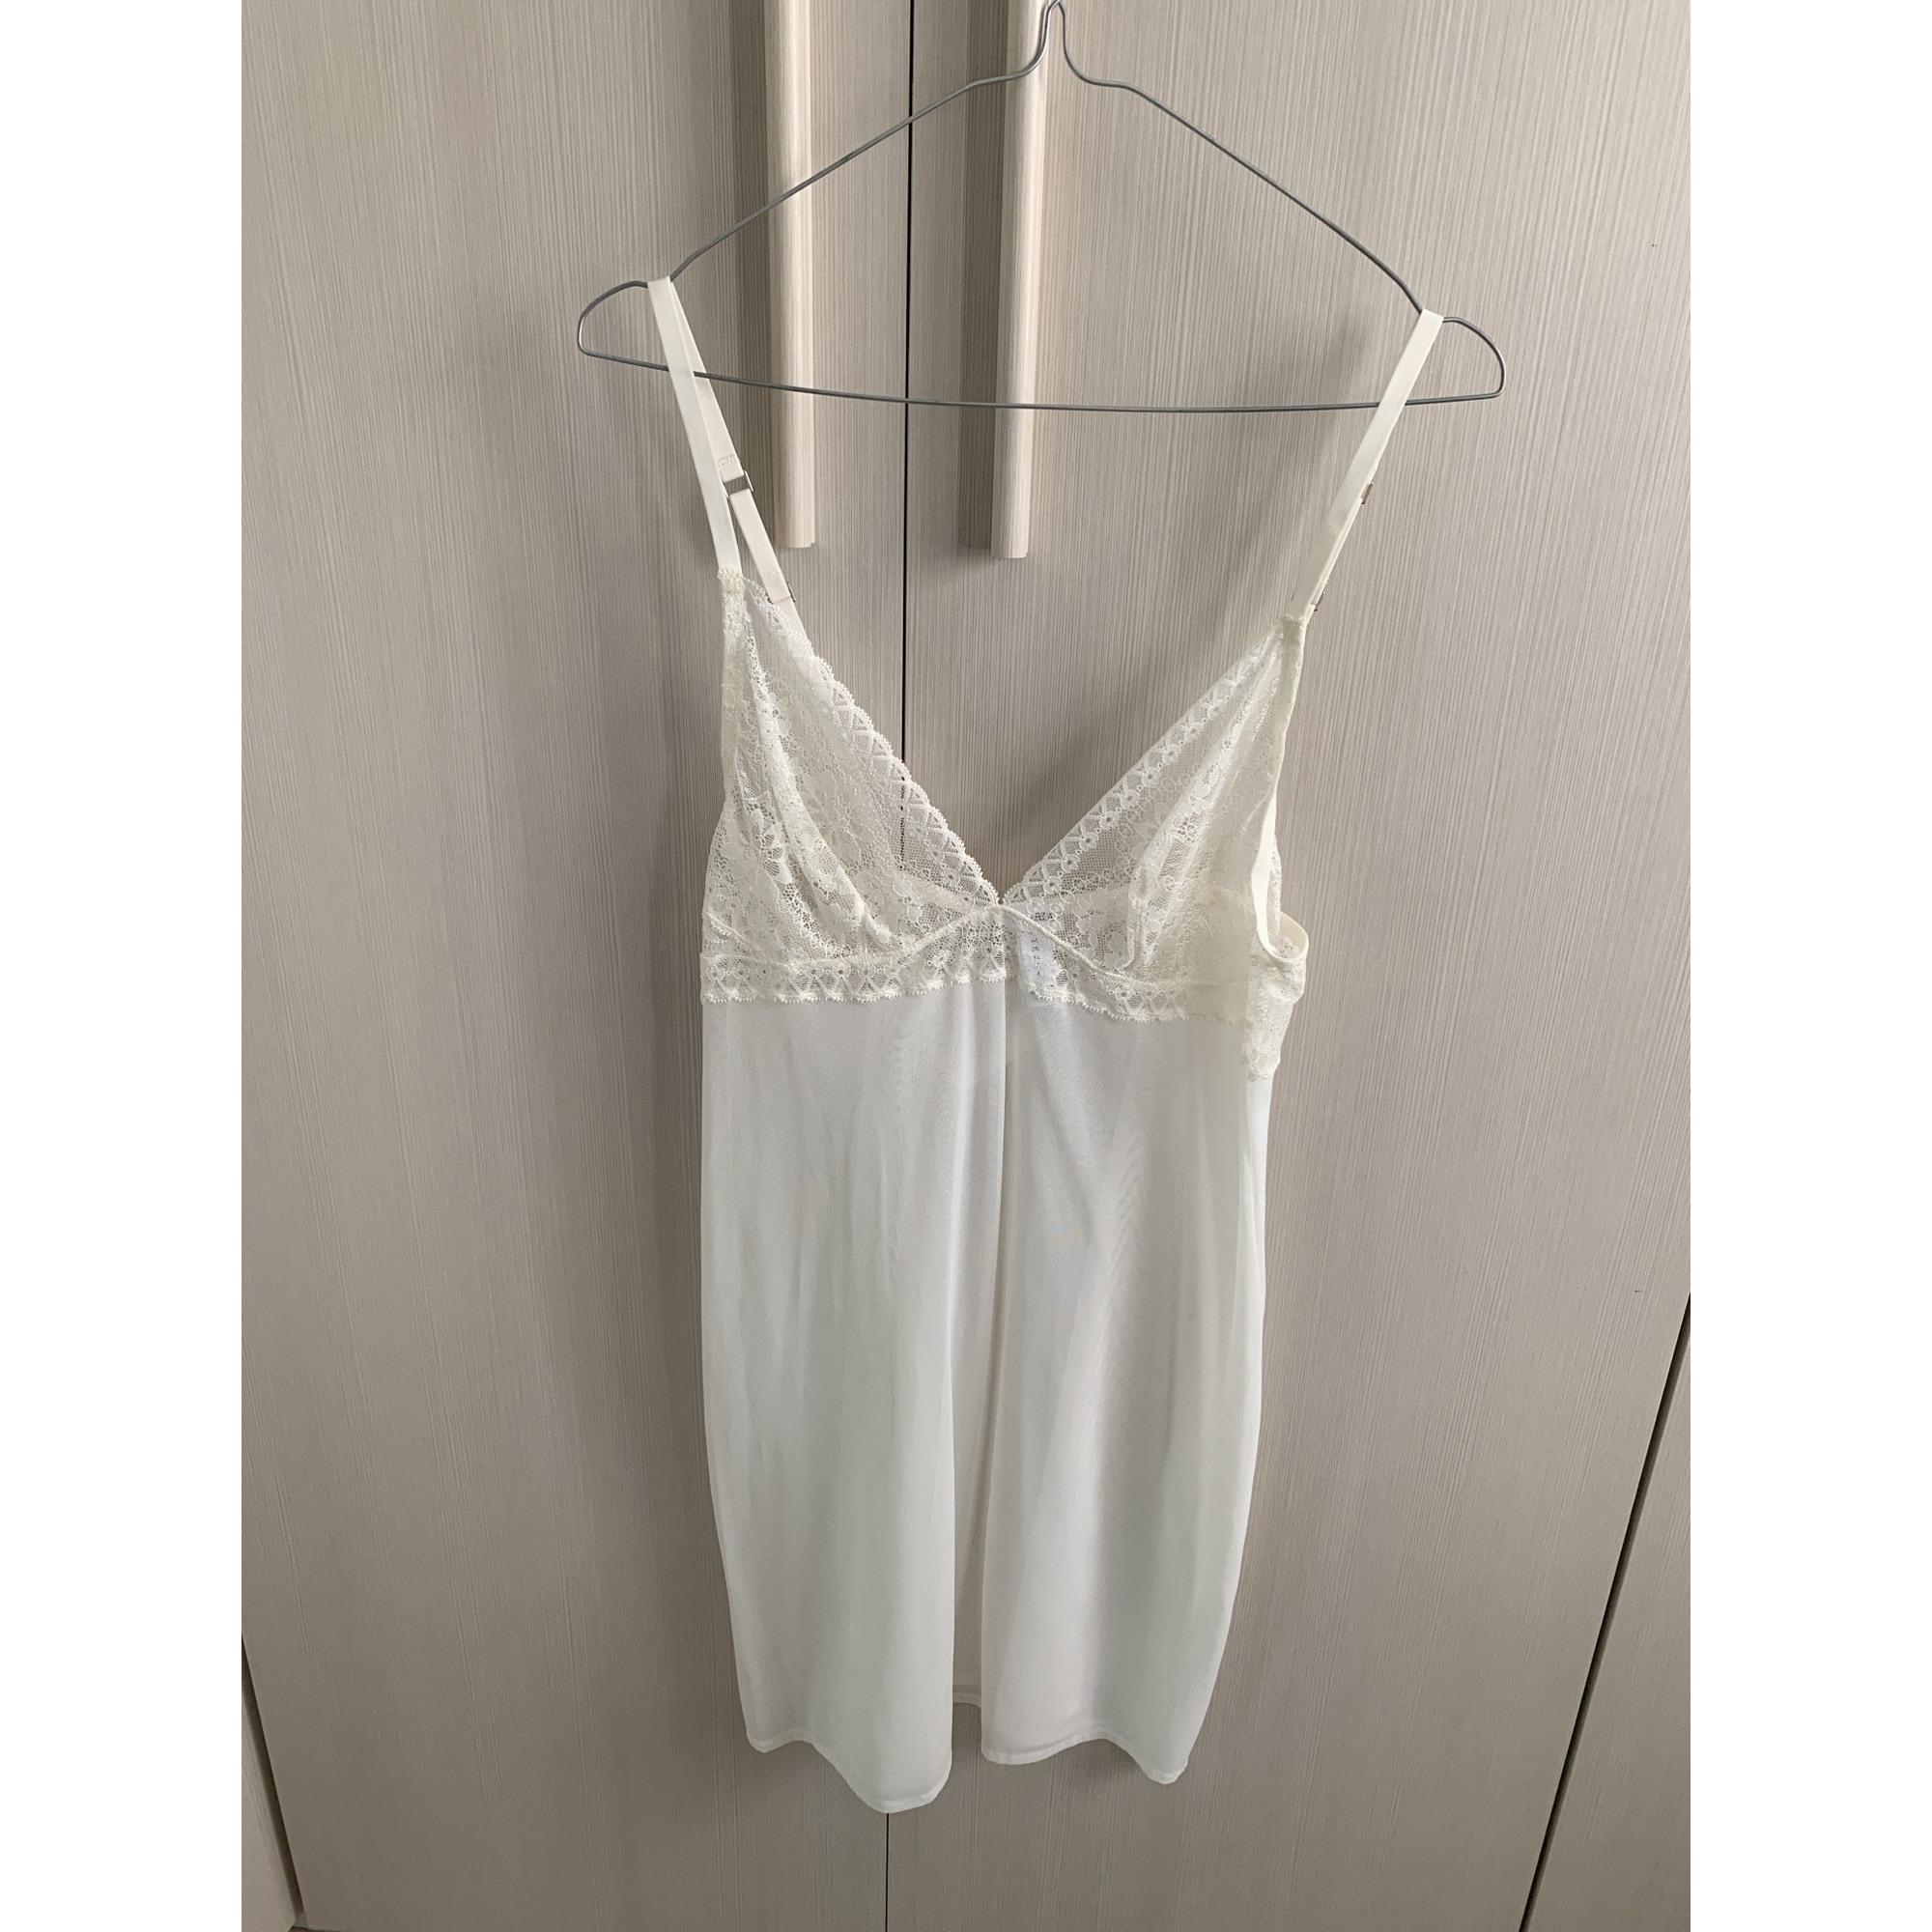 Chemise de nuit LA PERLA Blanc, blanc cassé, écru